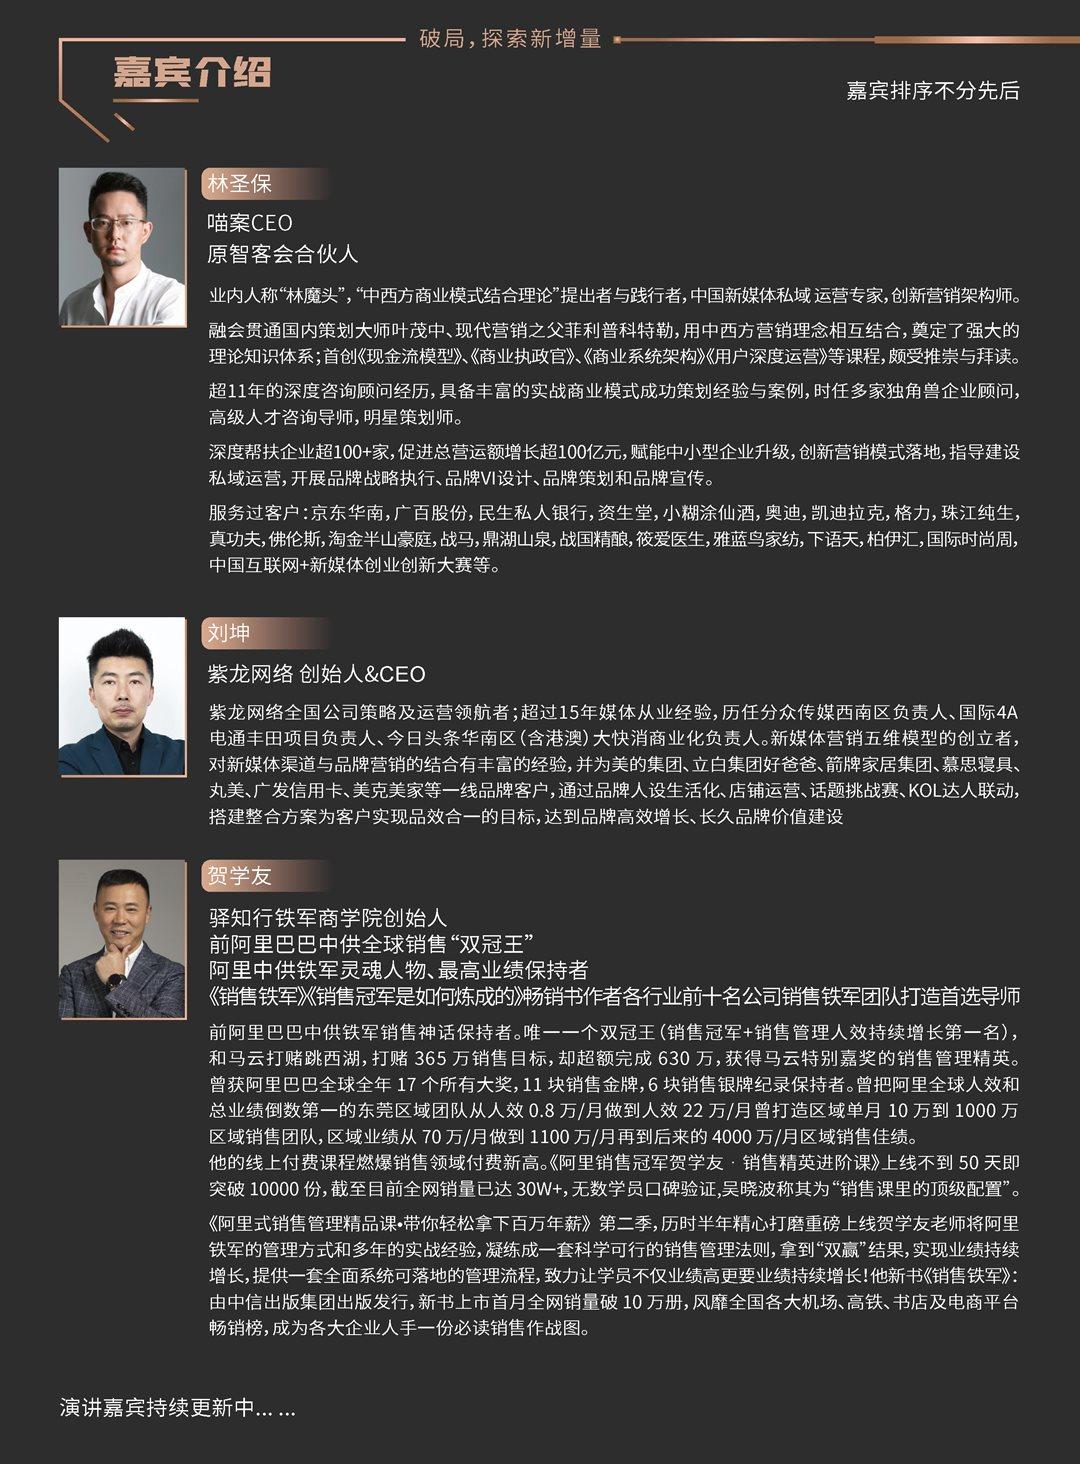 2021破局探索新增量投融资大会-资料_页面_5.png